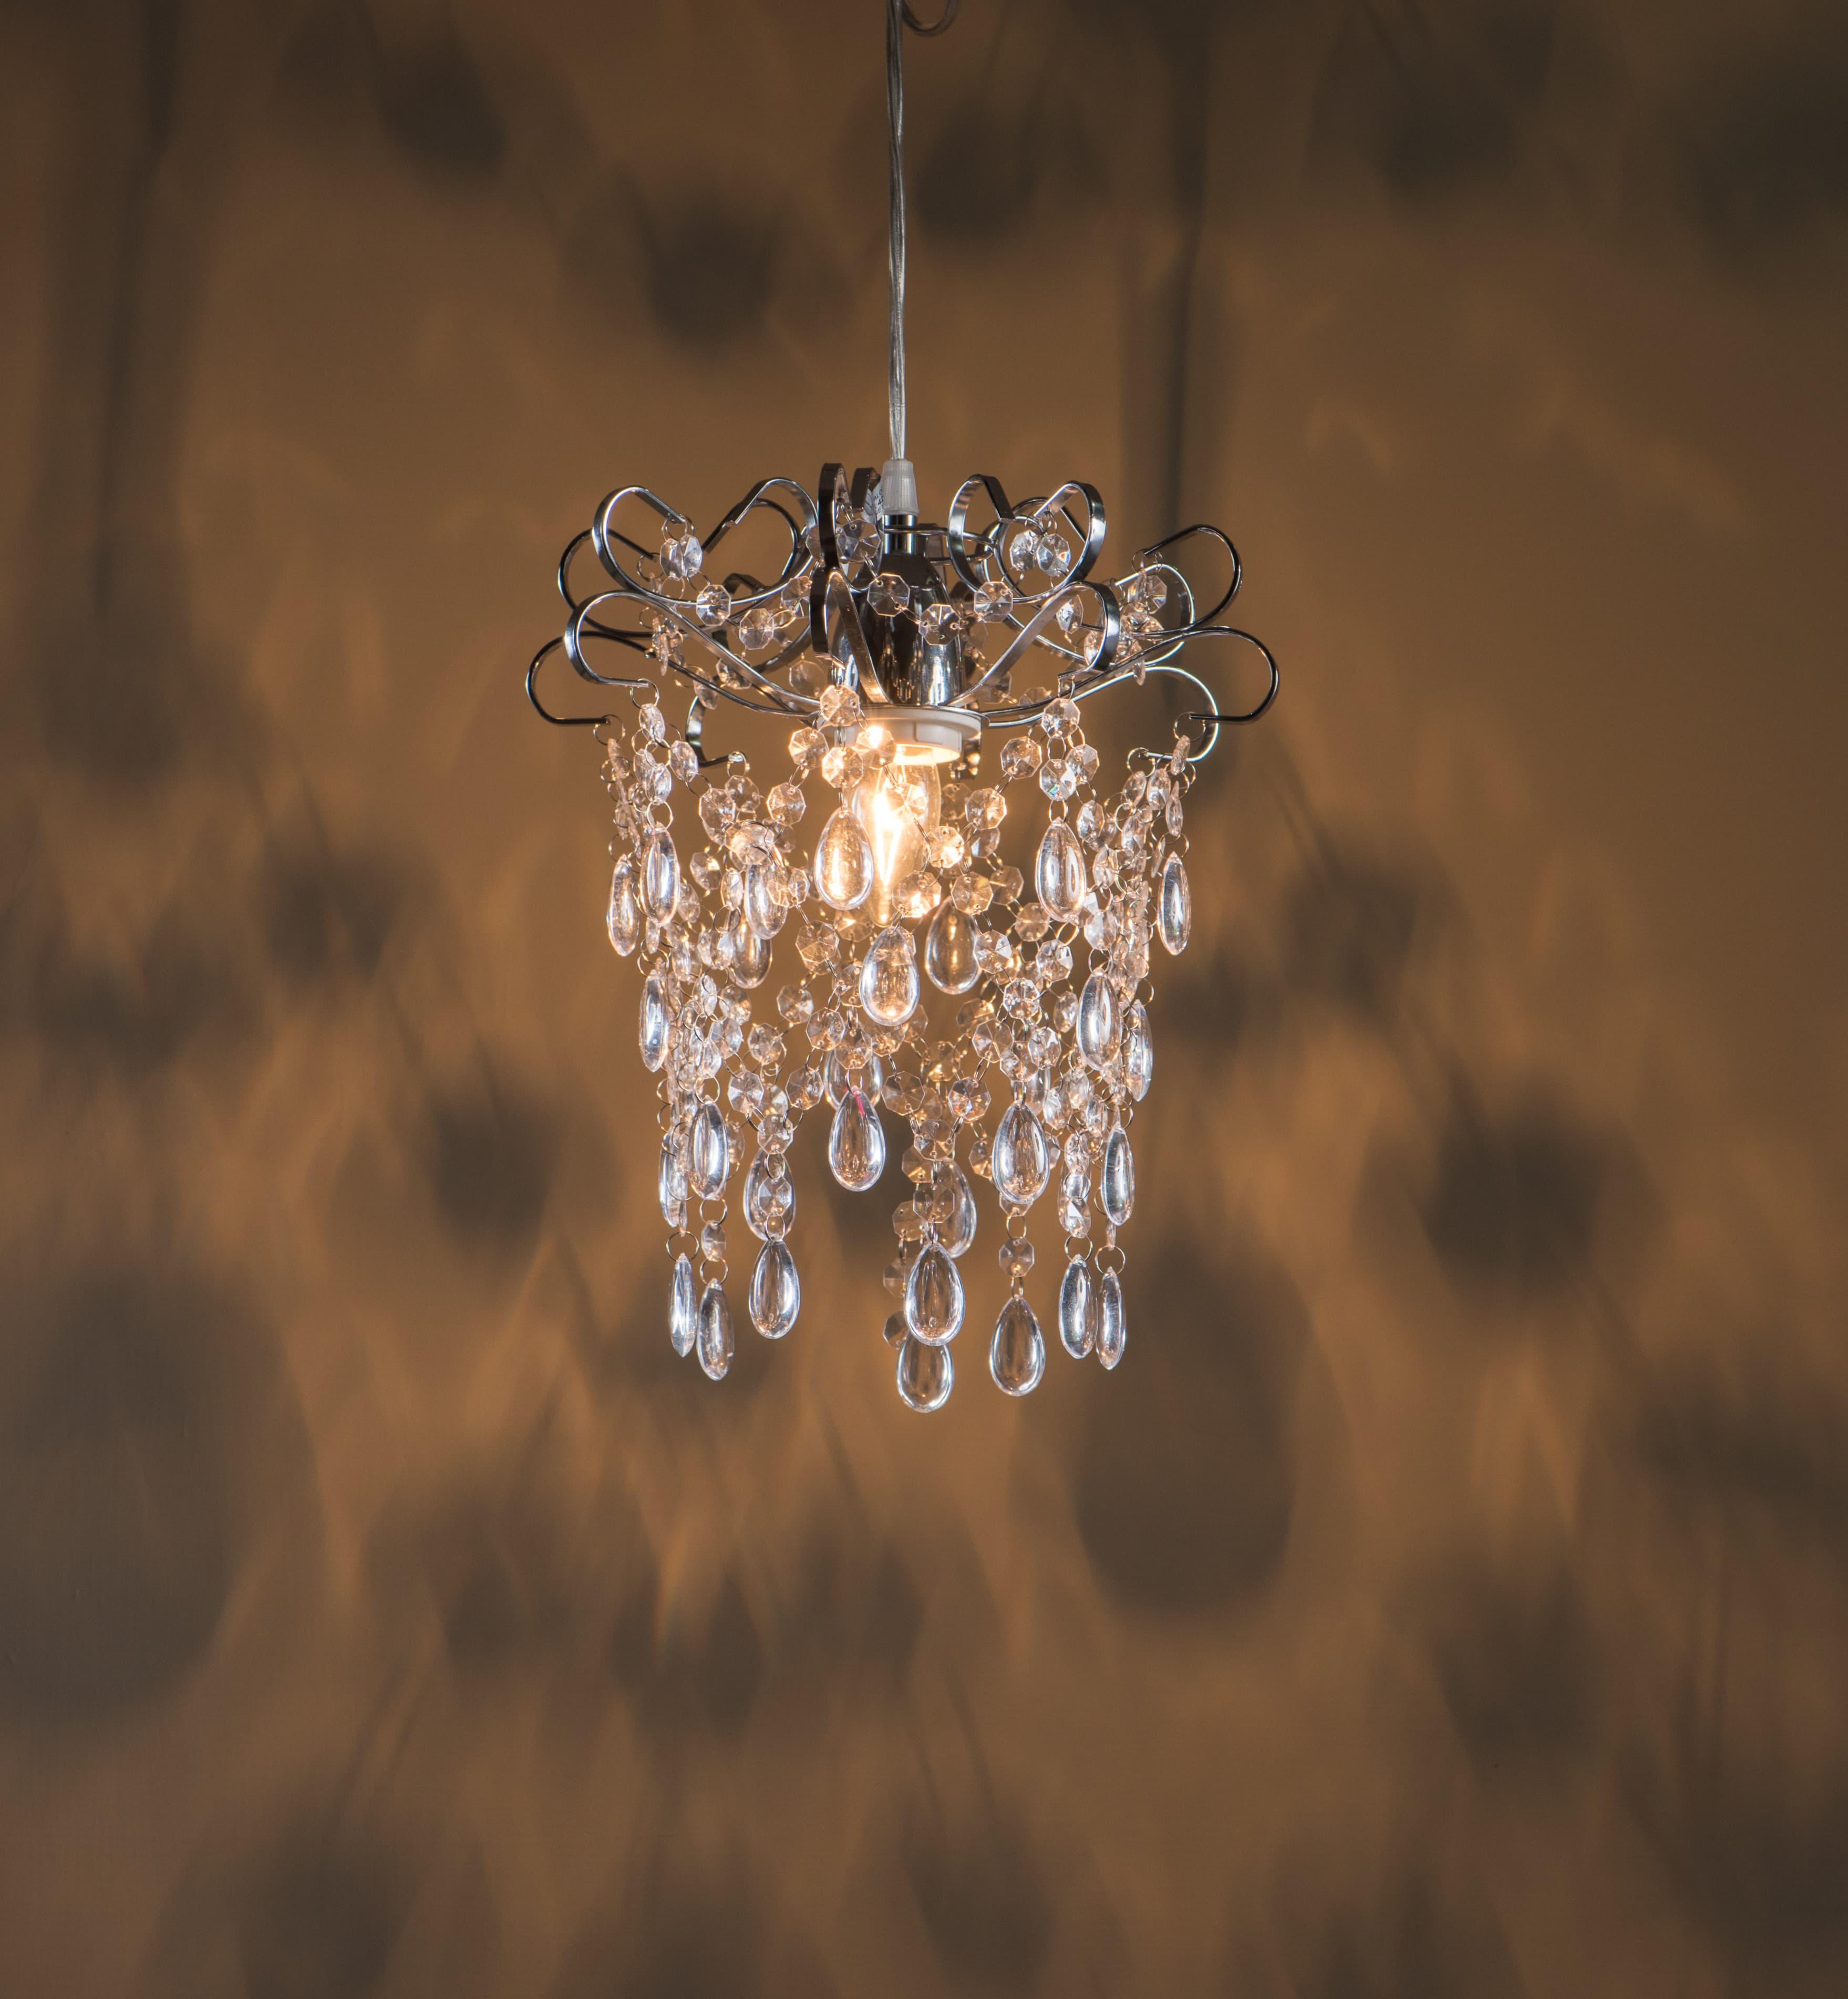 鍍鉻扁鐵框透明壓克力珠吊燈-BNL00048 3